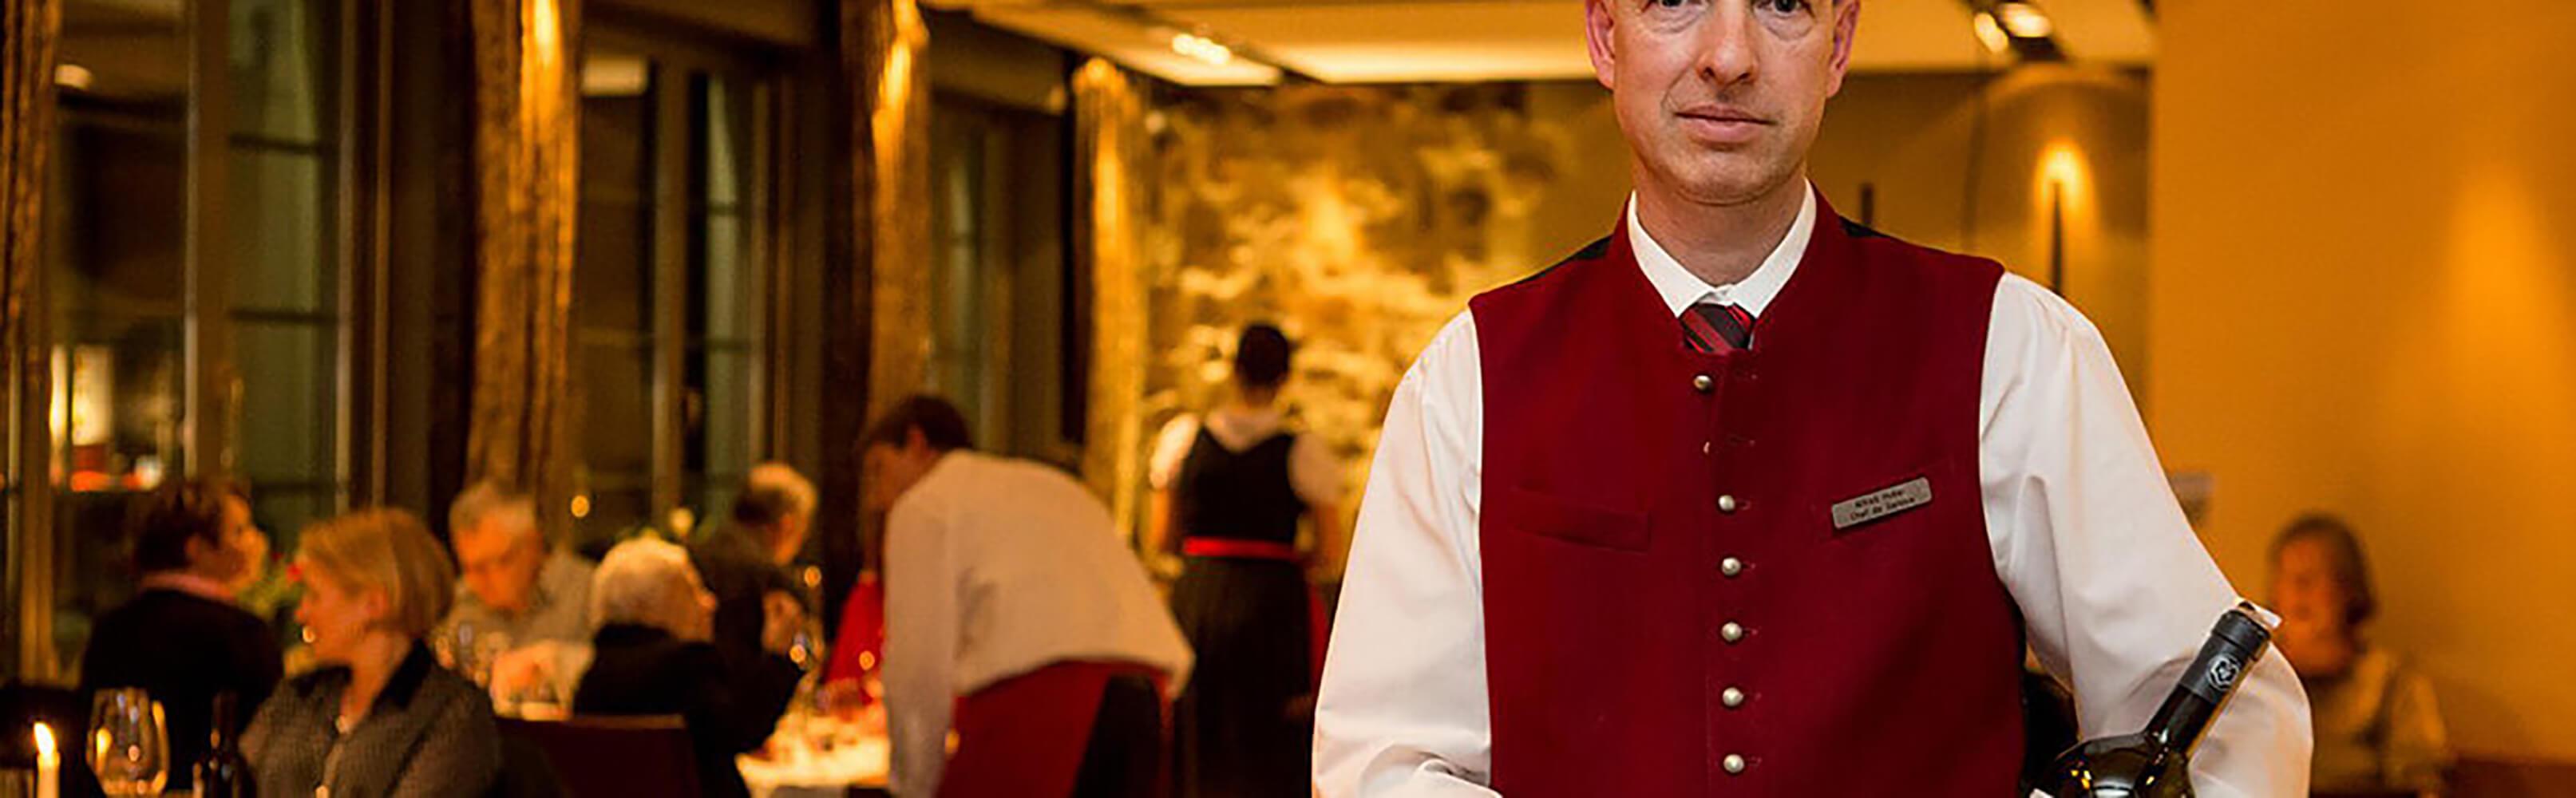 Hotel Restaurant Zum Goldenen Kopf in Bülach bei Zürich -  Einer traditionsreichen Vergangenheit verbunden 1